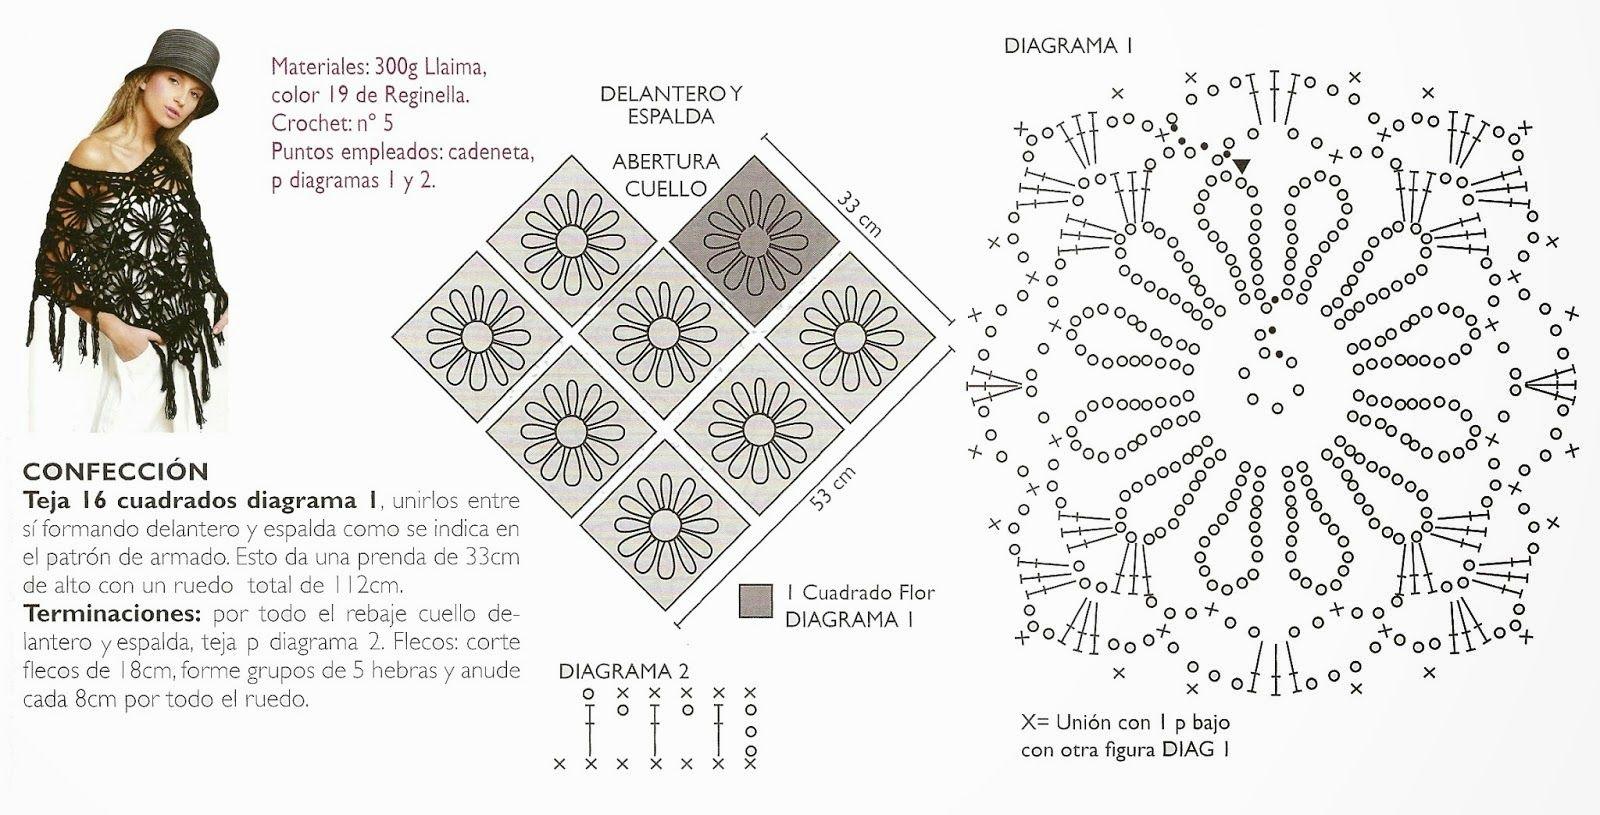 Poncho con dibujos de flores patron - Patrones Crochet | Muestras ...